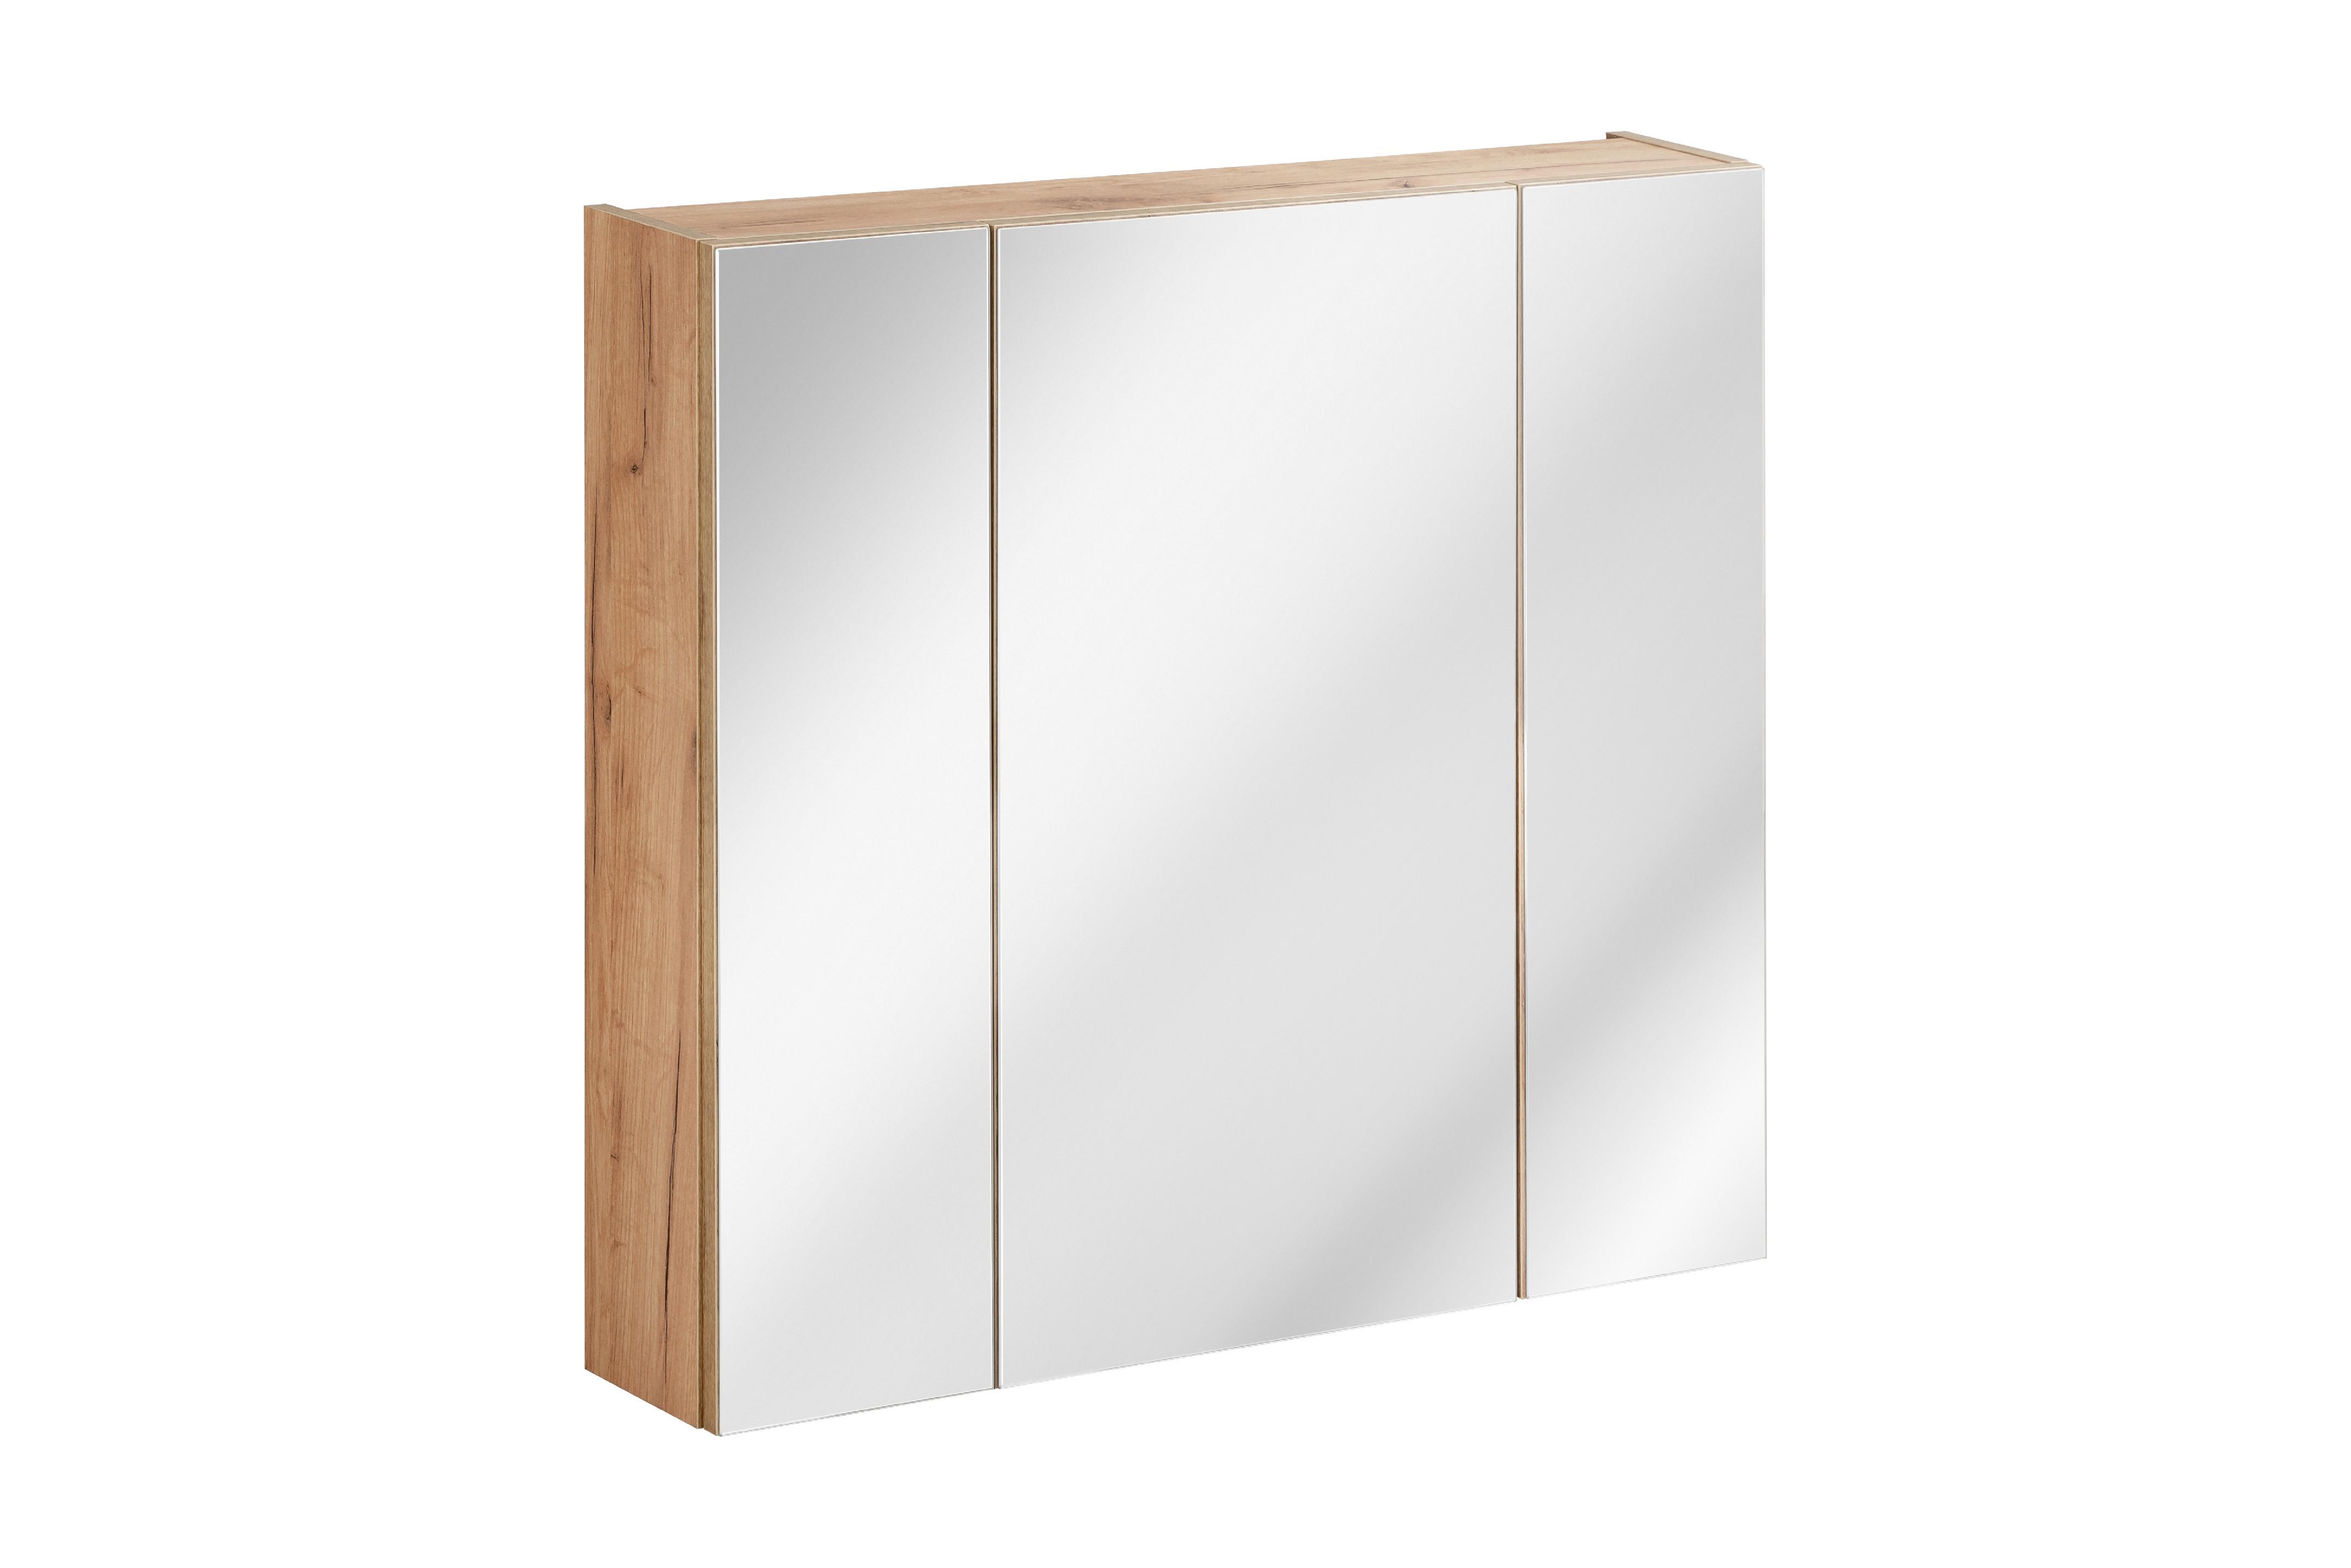 ArtCom Kúpeľňová zostava Capri   biela Capri   dub zlatý: Horná zrkadlová skrinka 843 - 80 cm